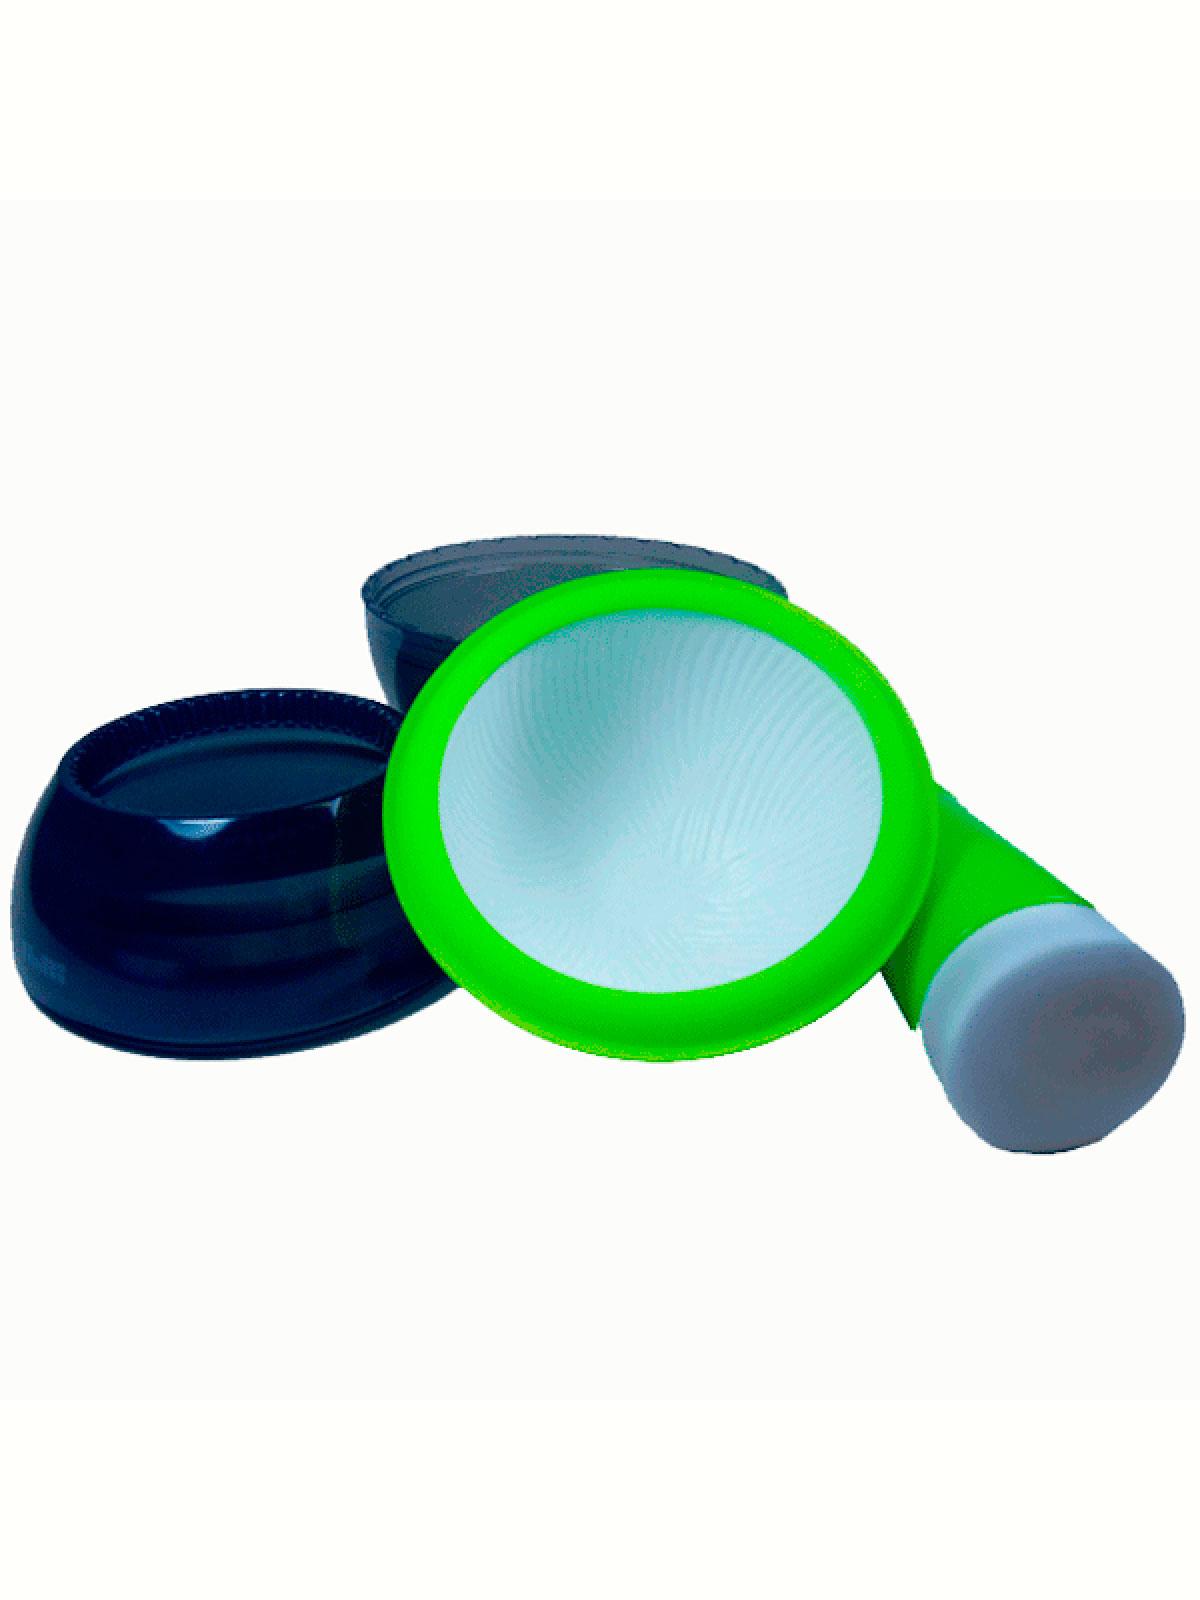 ib786401 3 mortero tienda online menaje hogar utensilios